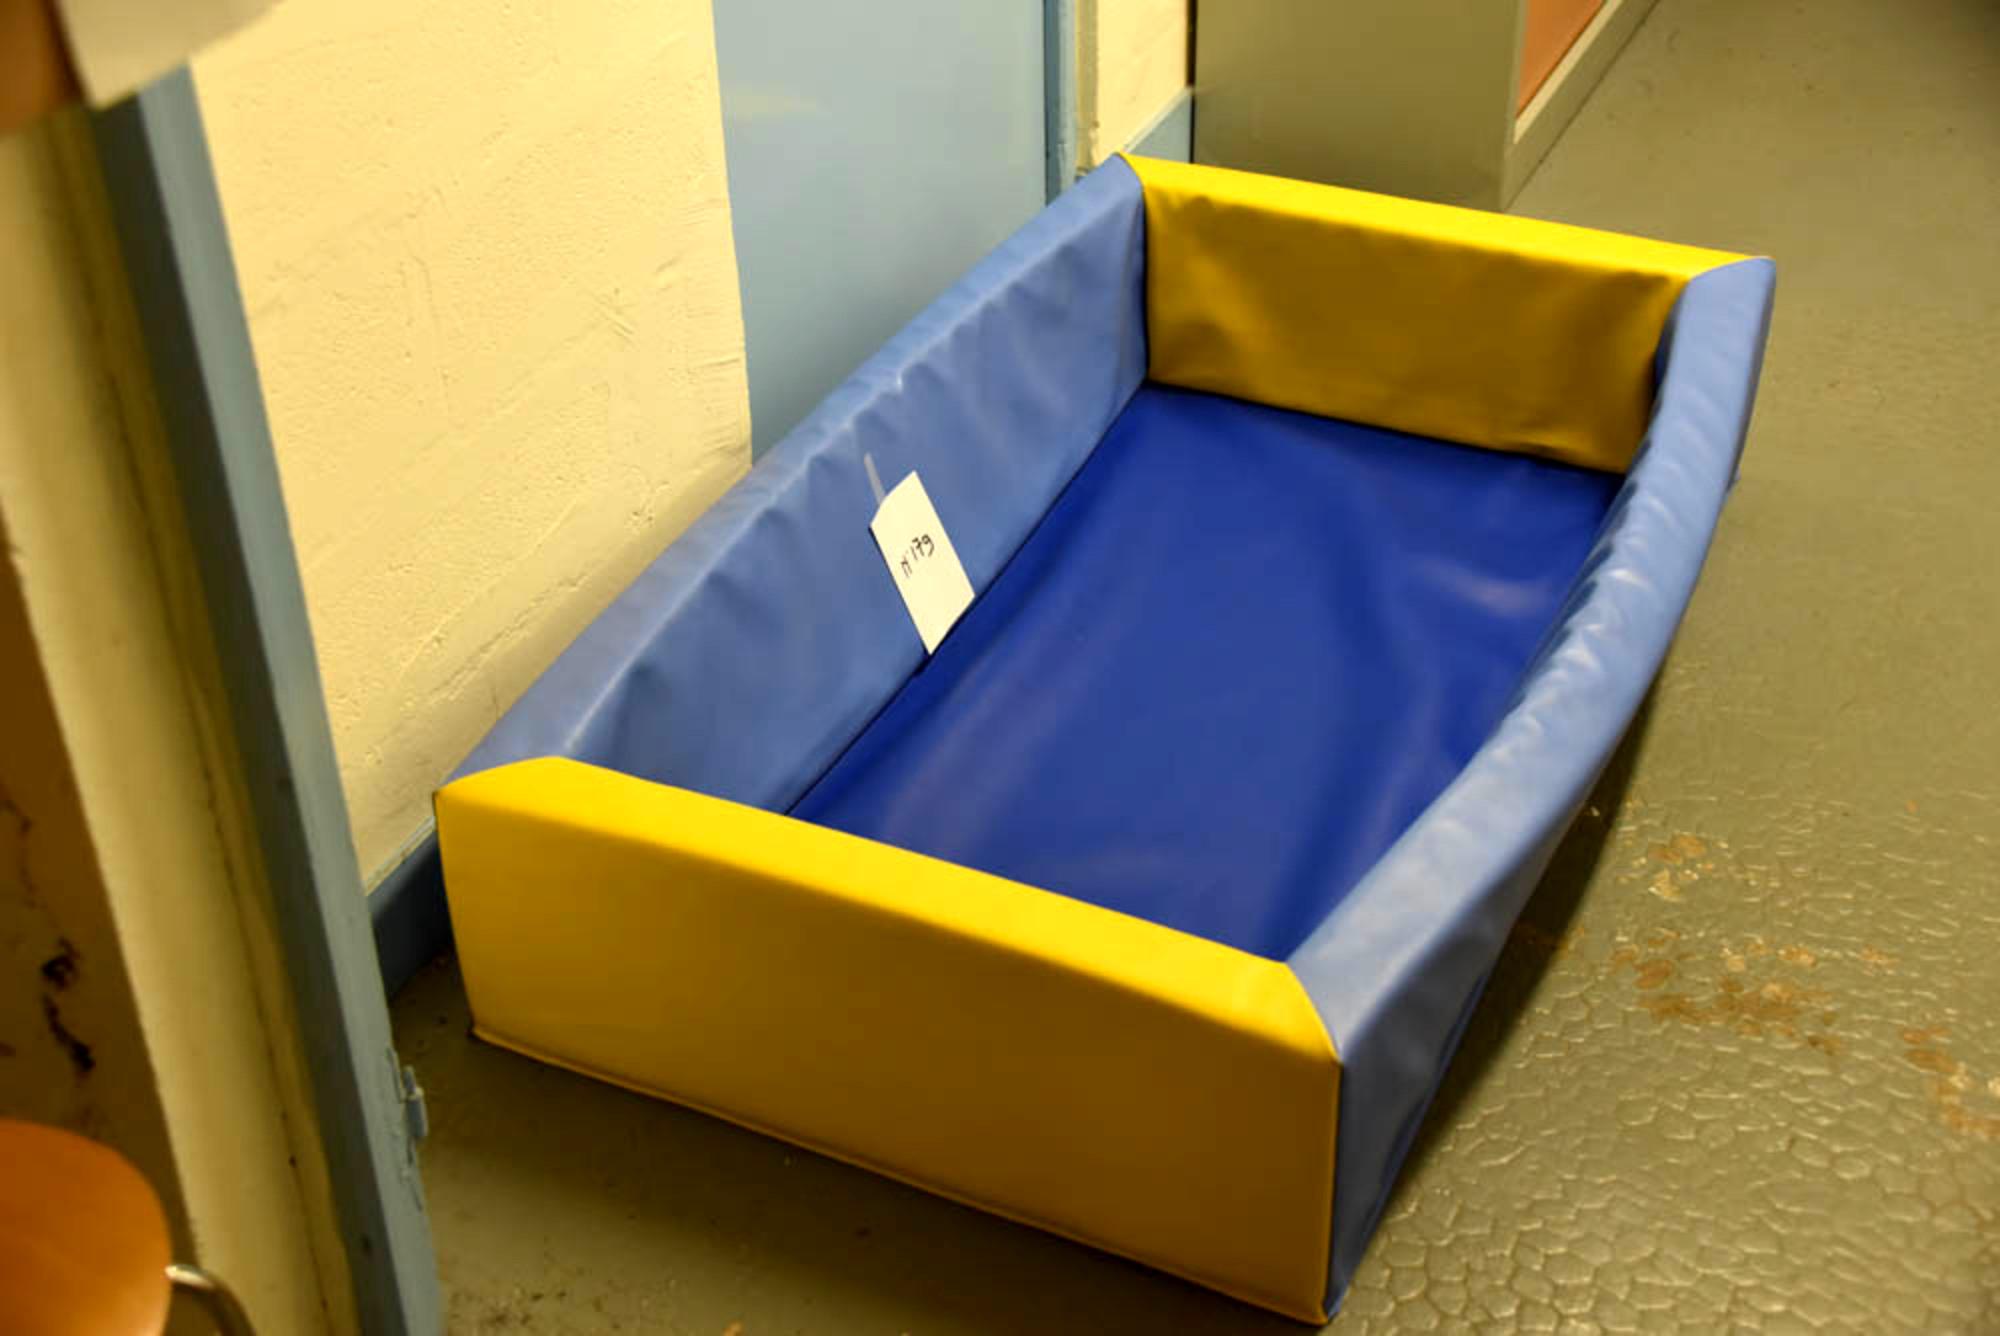 piscine balle bicolore pour jeune enfant pu riculture d 39 occasion aux ench res agorastore. Black Bedroom Furniture Sets. Home Design Ideas